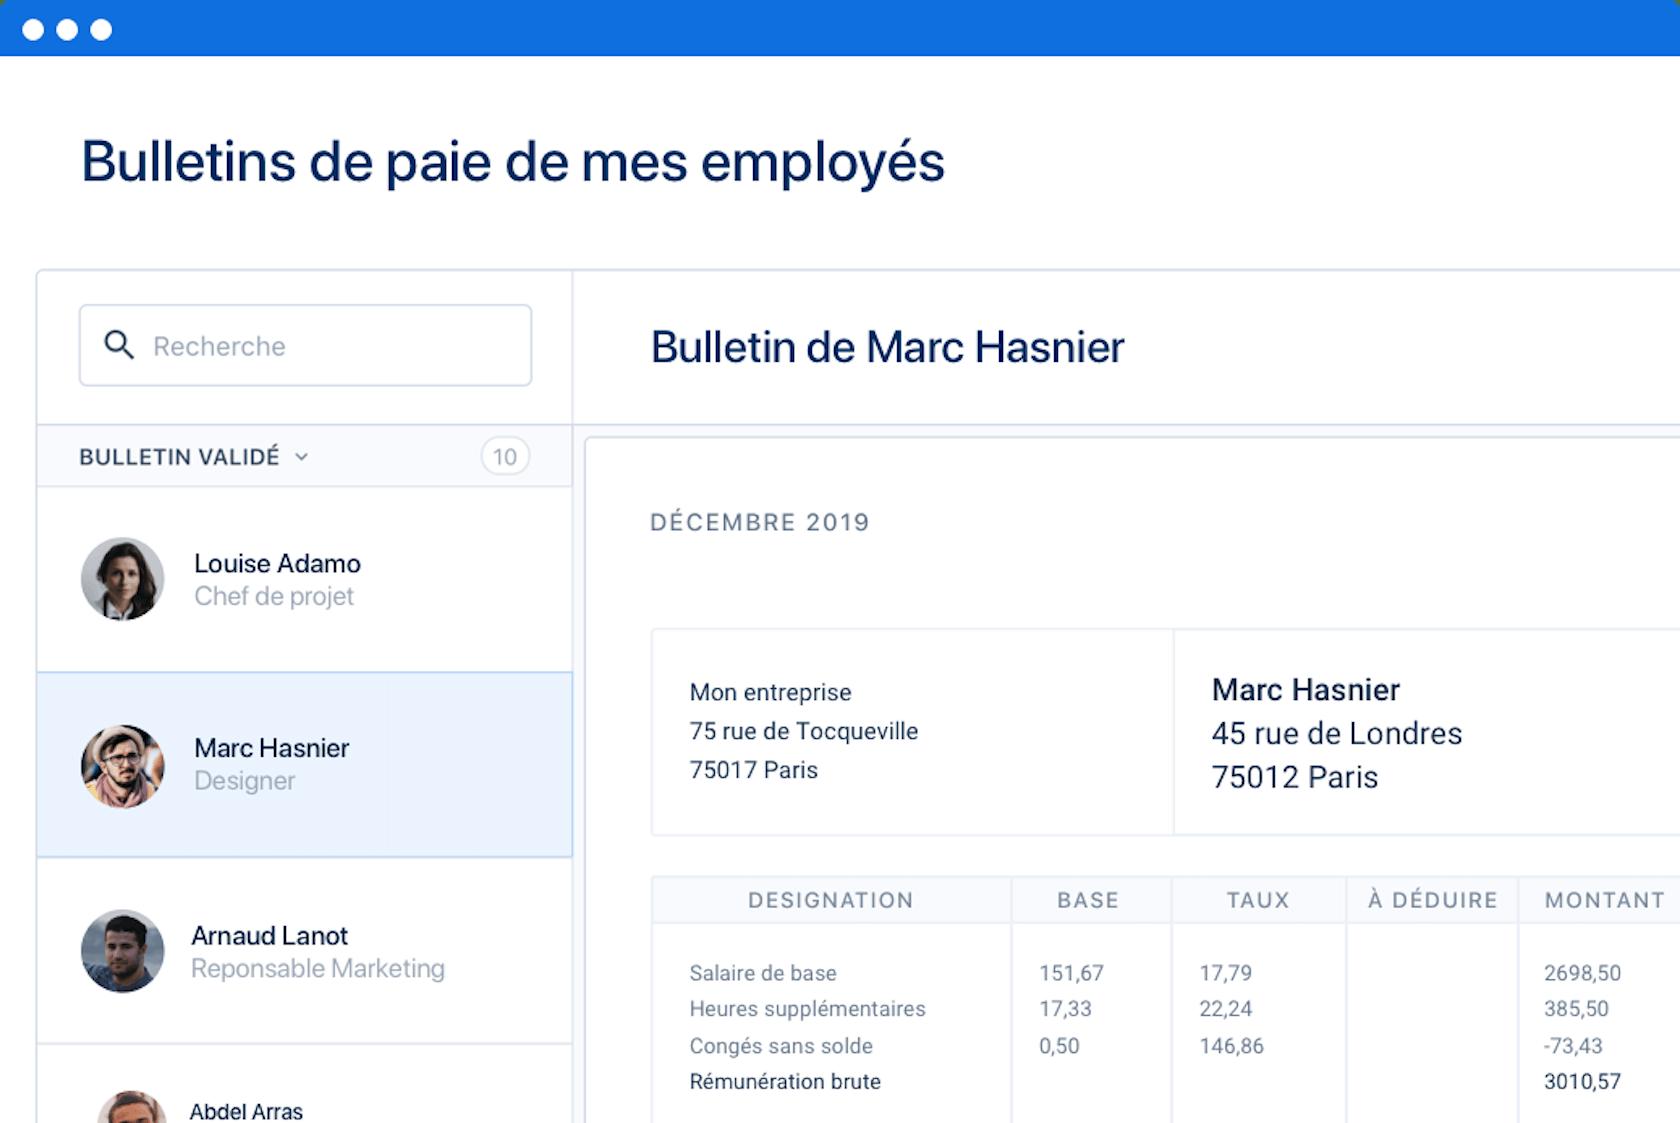 Bulletins de paie de mes employés